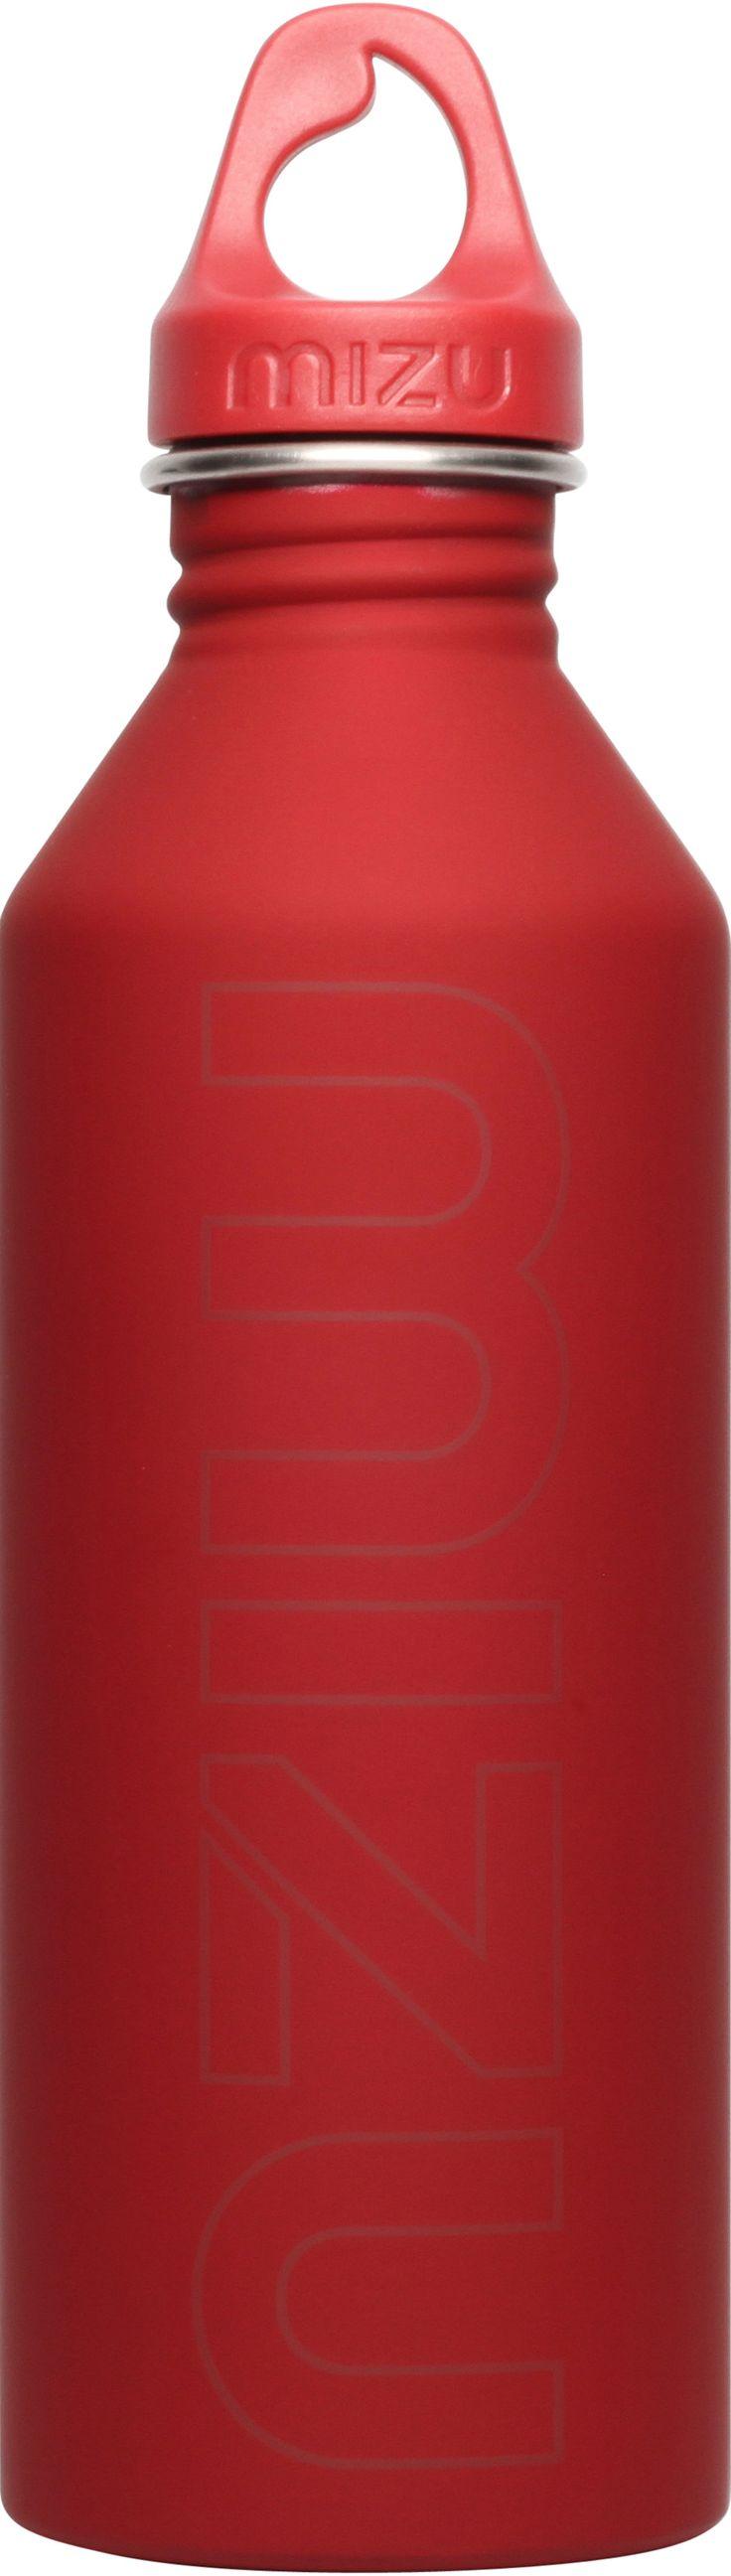 Mizu bottle red